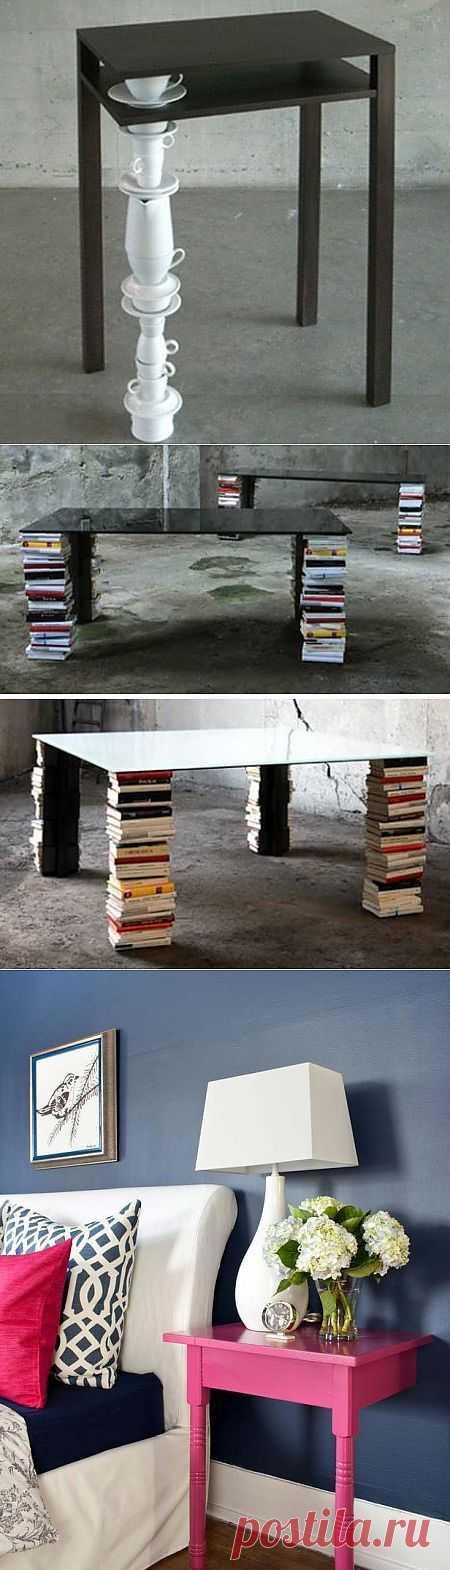 Ремонт столов (подборка) / Мебель / Модный сайт о стильной переделке одежды и интерьера